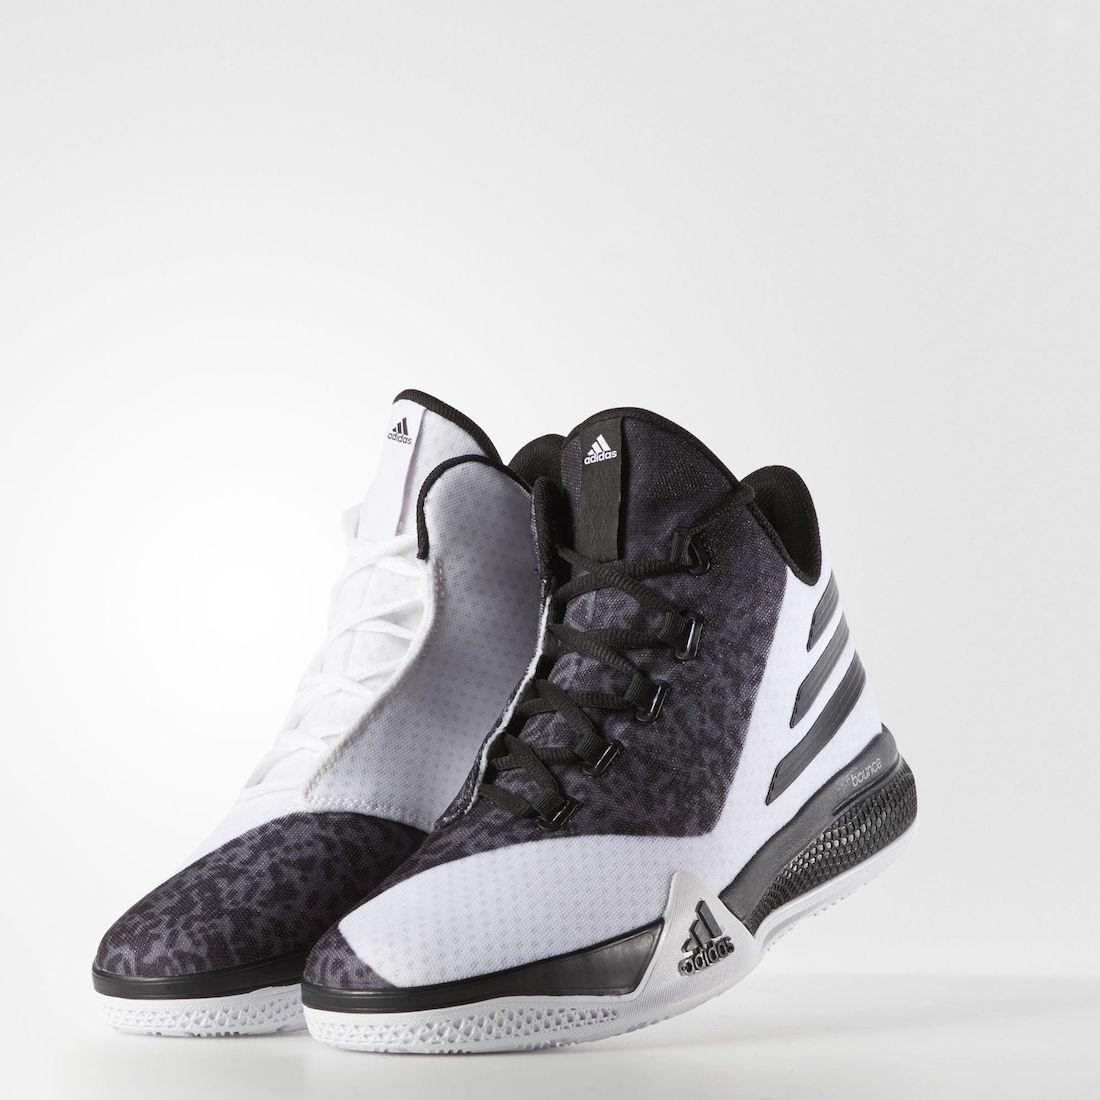 adidas Light Em Up 2 5